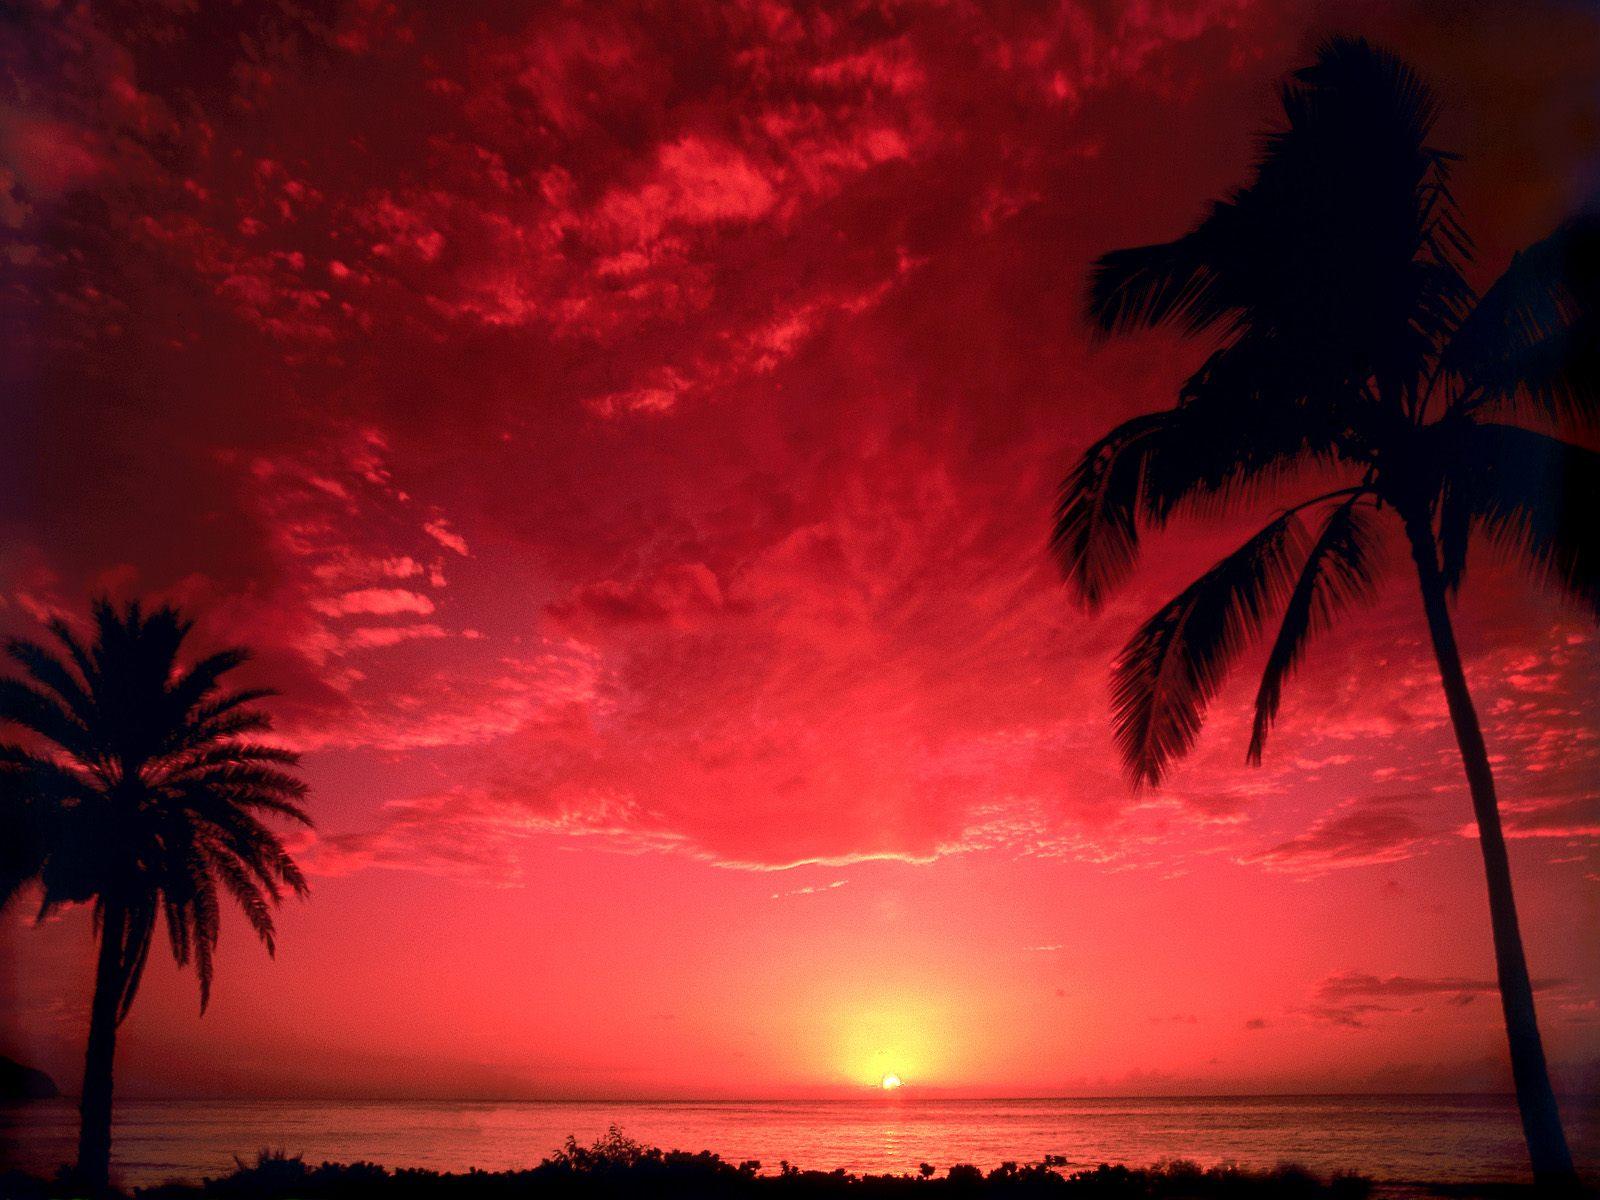 هواي Hawaii والطبيعة تتكلم Wallpaper_hawaii_animaatjes-51